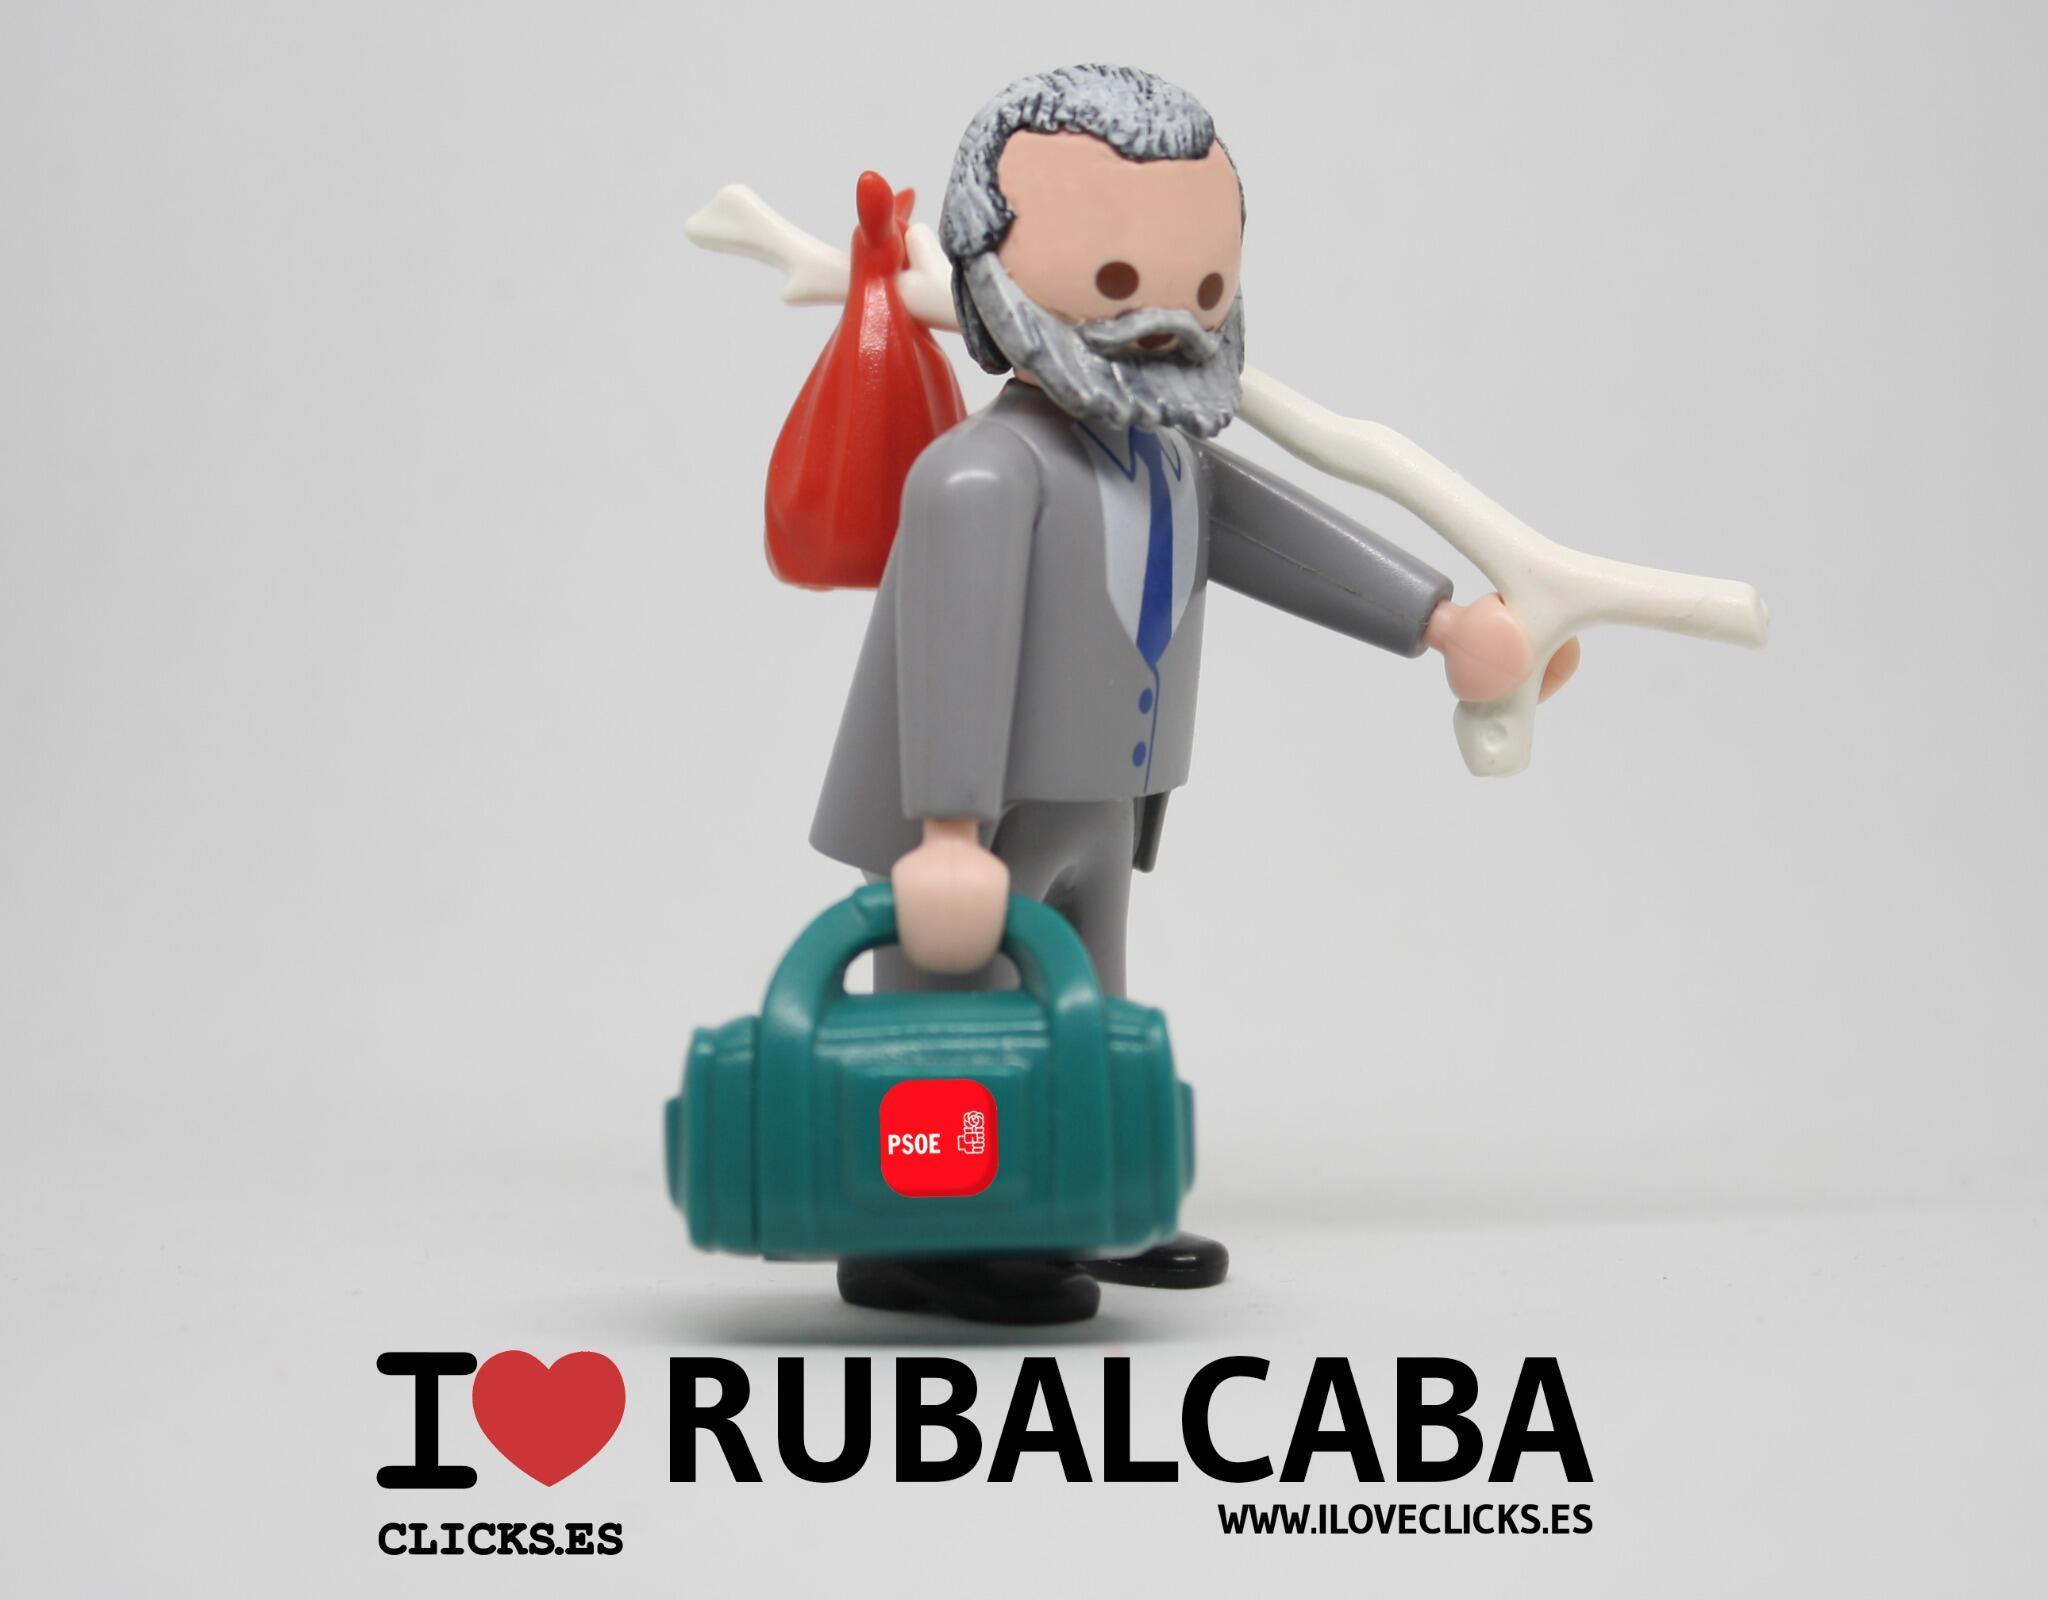 Las Europeas se cobran su 1ª víctima. Rubalcaba anuncia su marcha y convoca un congreso extraordinario para Julio. http://t.co/za3Uw42tpT